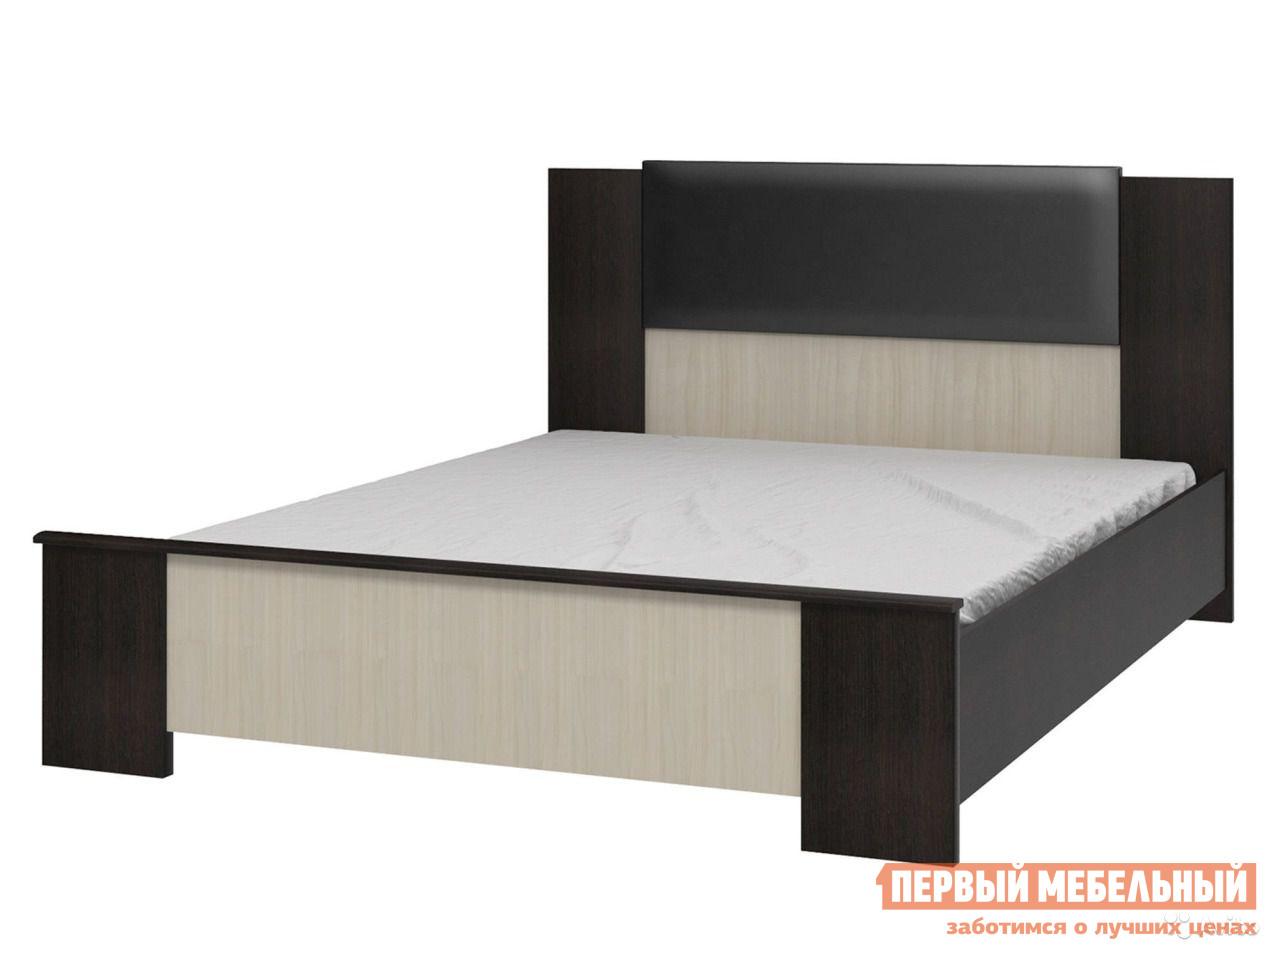 Двуспальная кровать СтолЛайн СТЛ.004.10-01 двуспальная кровать столлайн стл 187 04 187 07